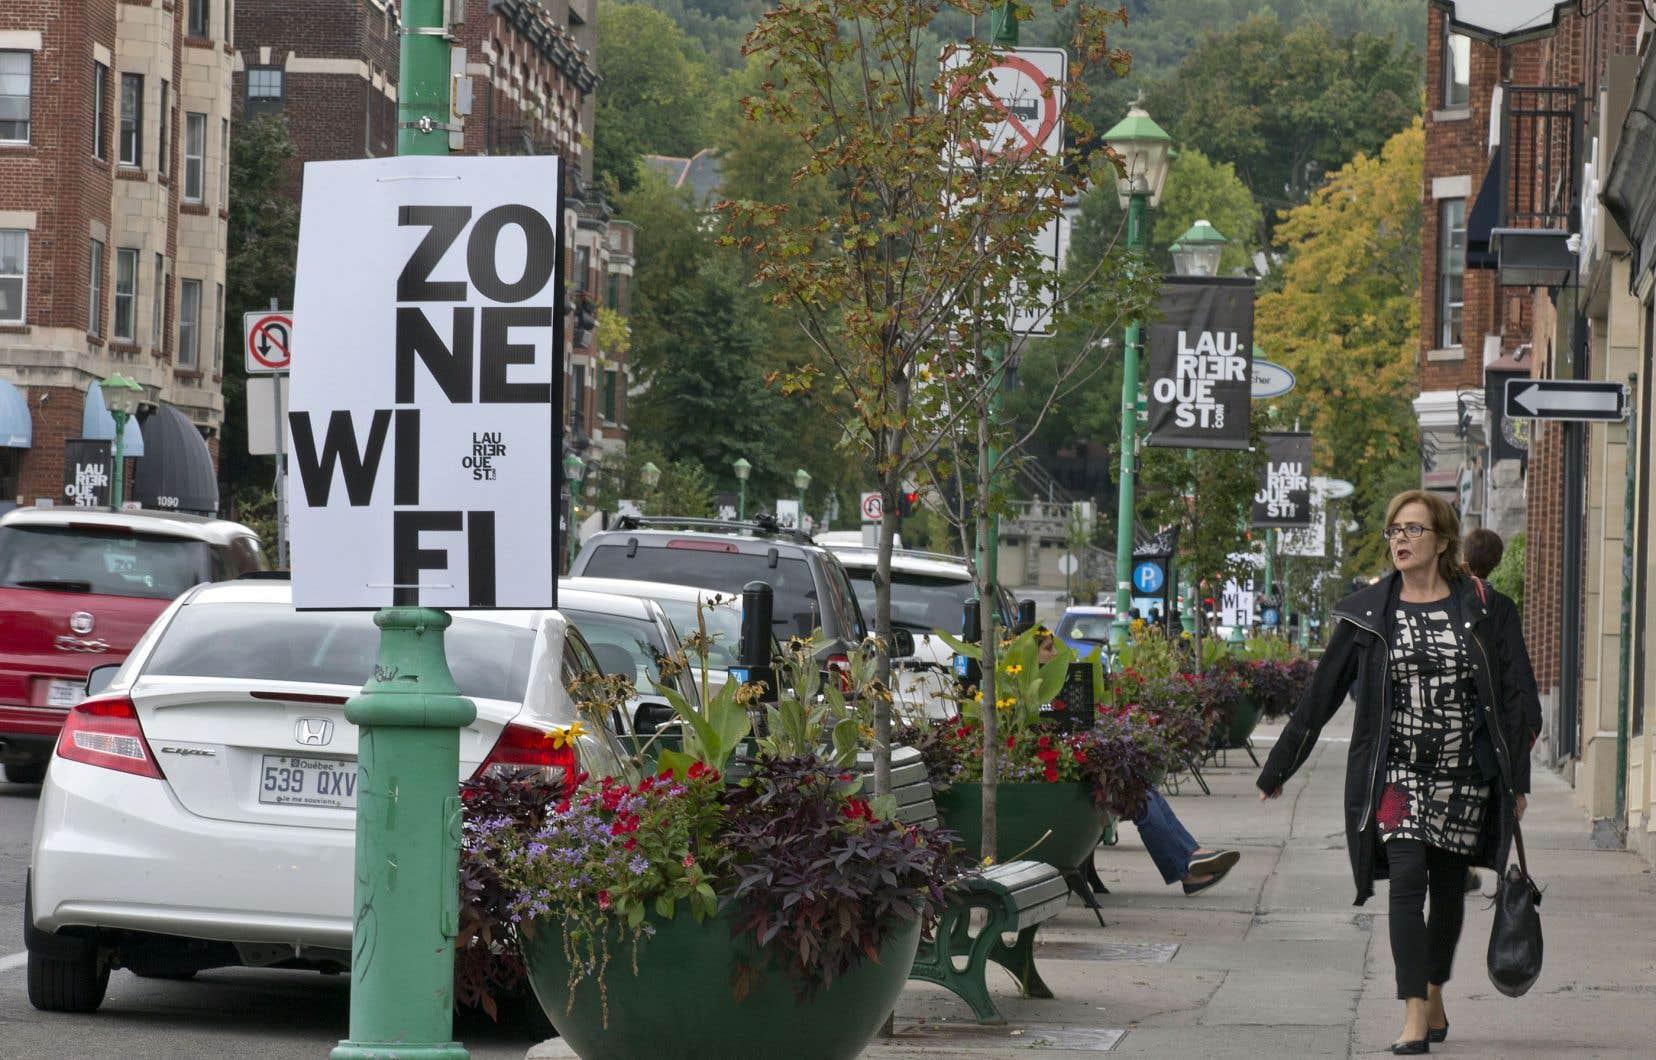 Dans le Petit Laurier, des commerçants en veulent encore au maire Ferrandez pour l'inversion de sens des rues et l'implantation de vignettes de stationnement.